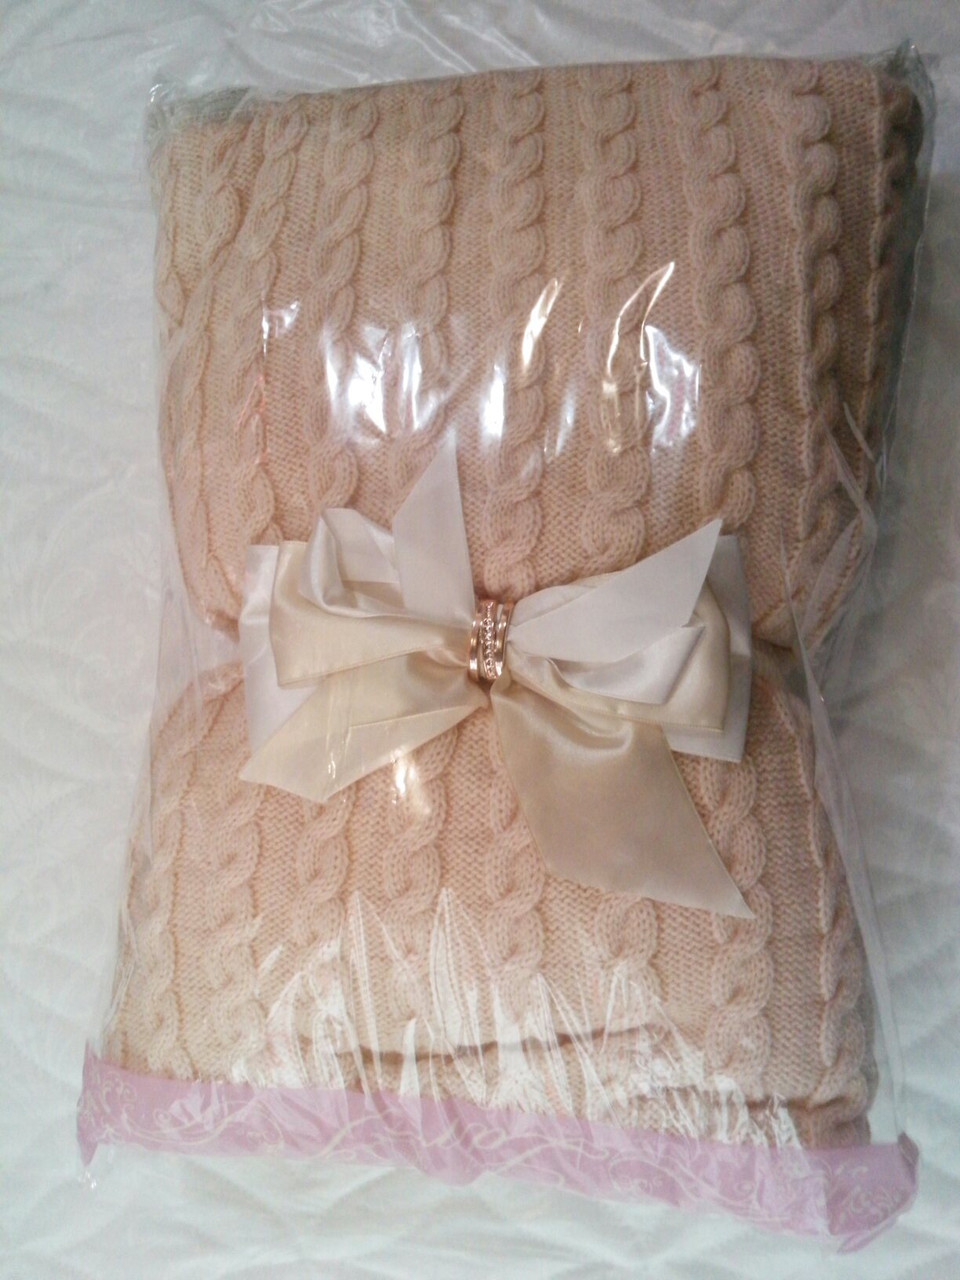 теплый вязаный конверт одеяло на выписку из роддома цена 513 грн